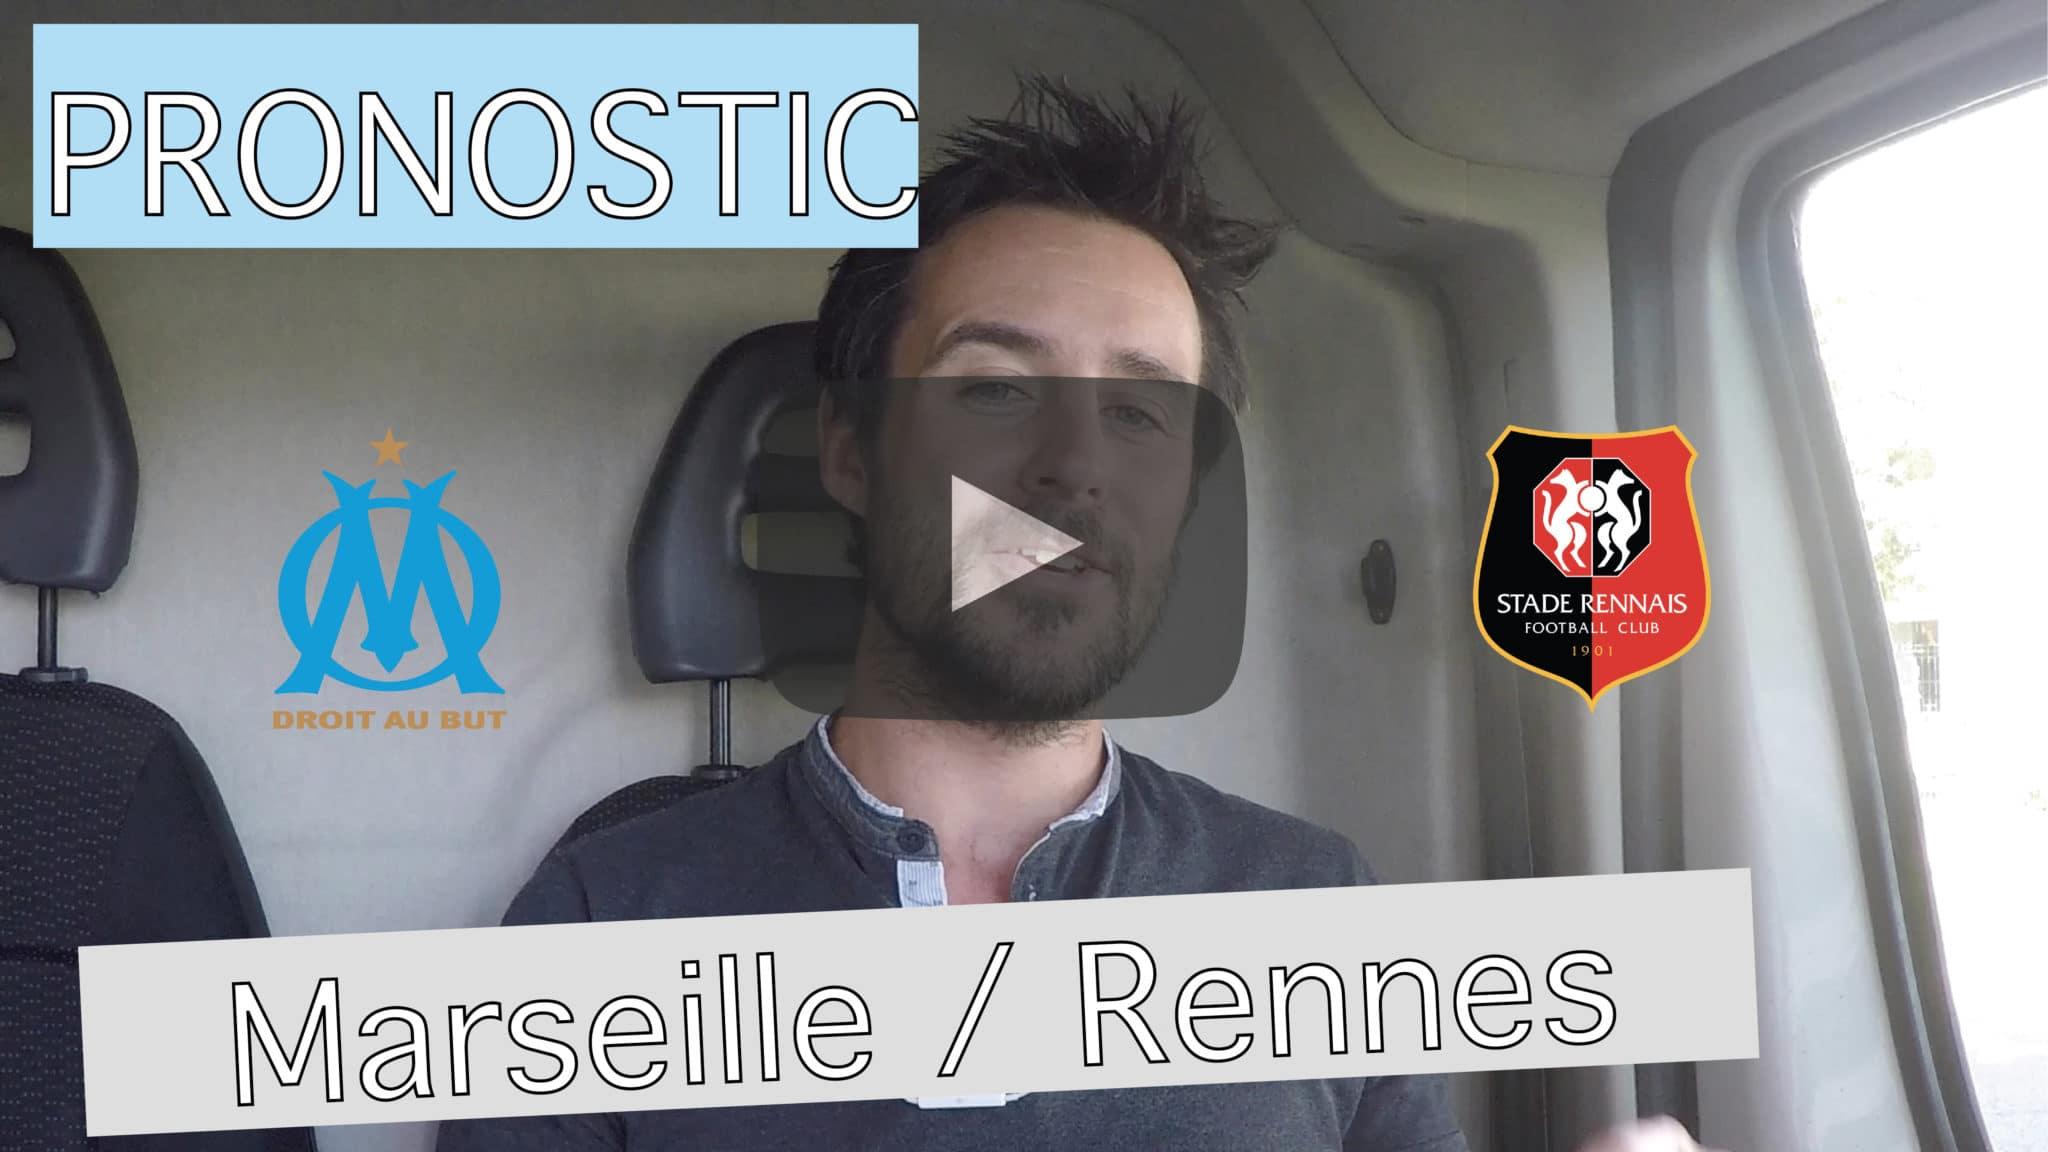 Pronostic 032 – Marseille / Rennes – Ligue 1